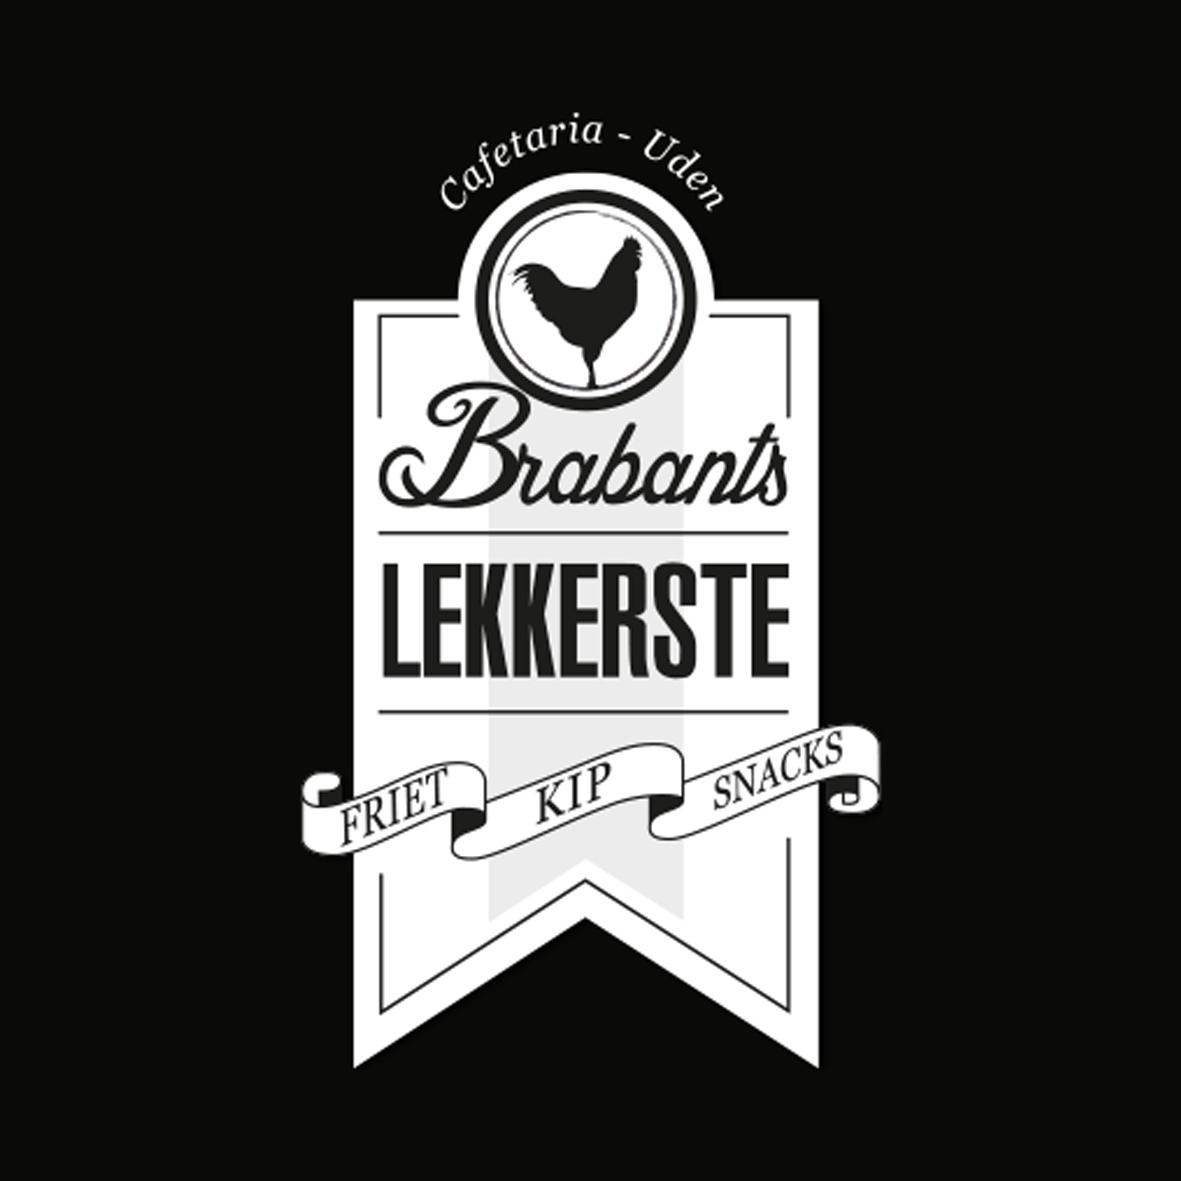 Brabants_Lekkerste